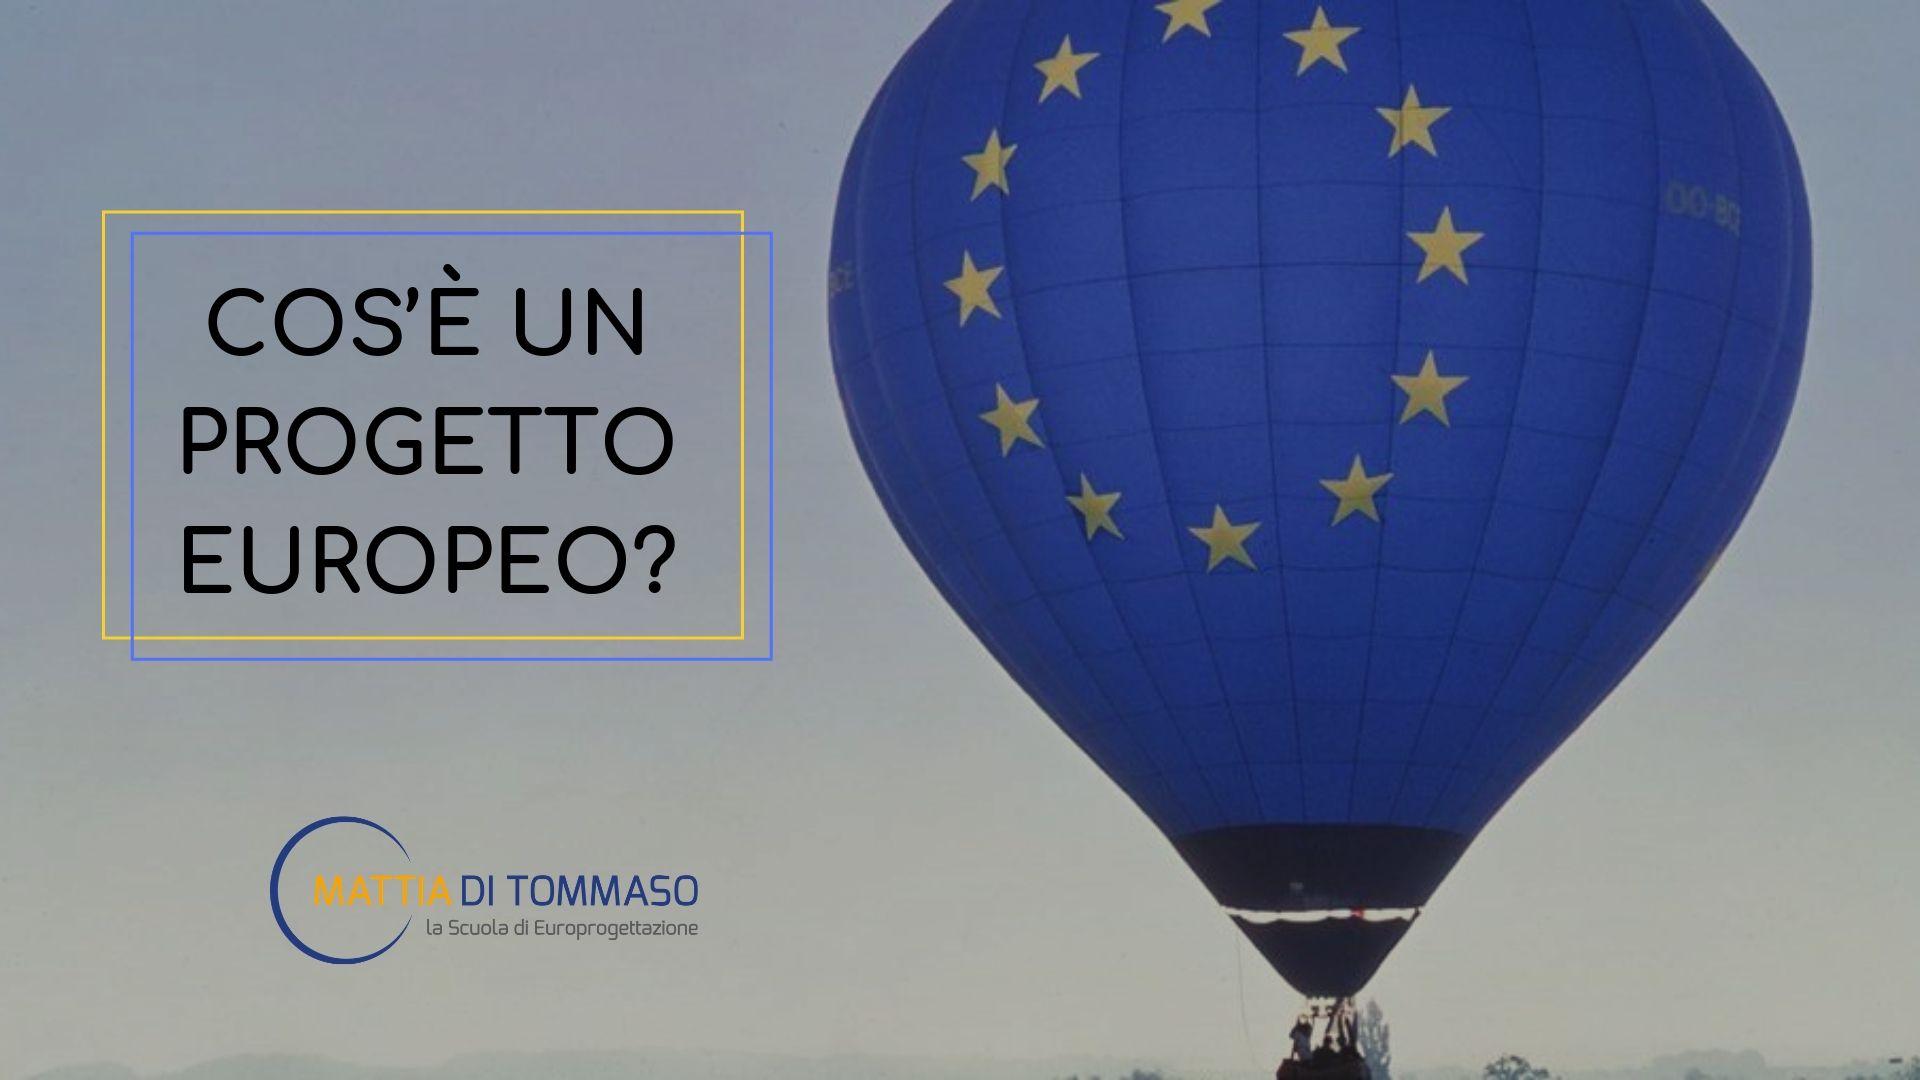 Cos'è un progetto europeo?